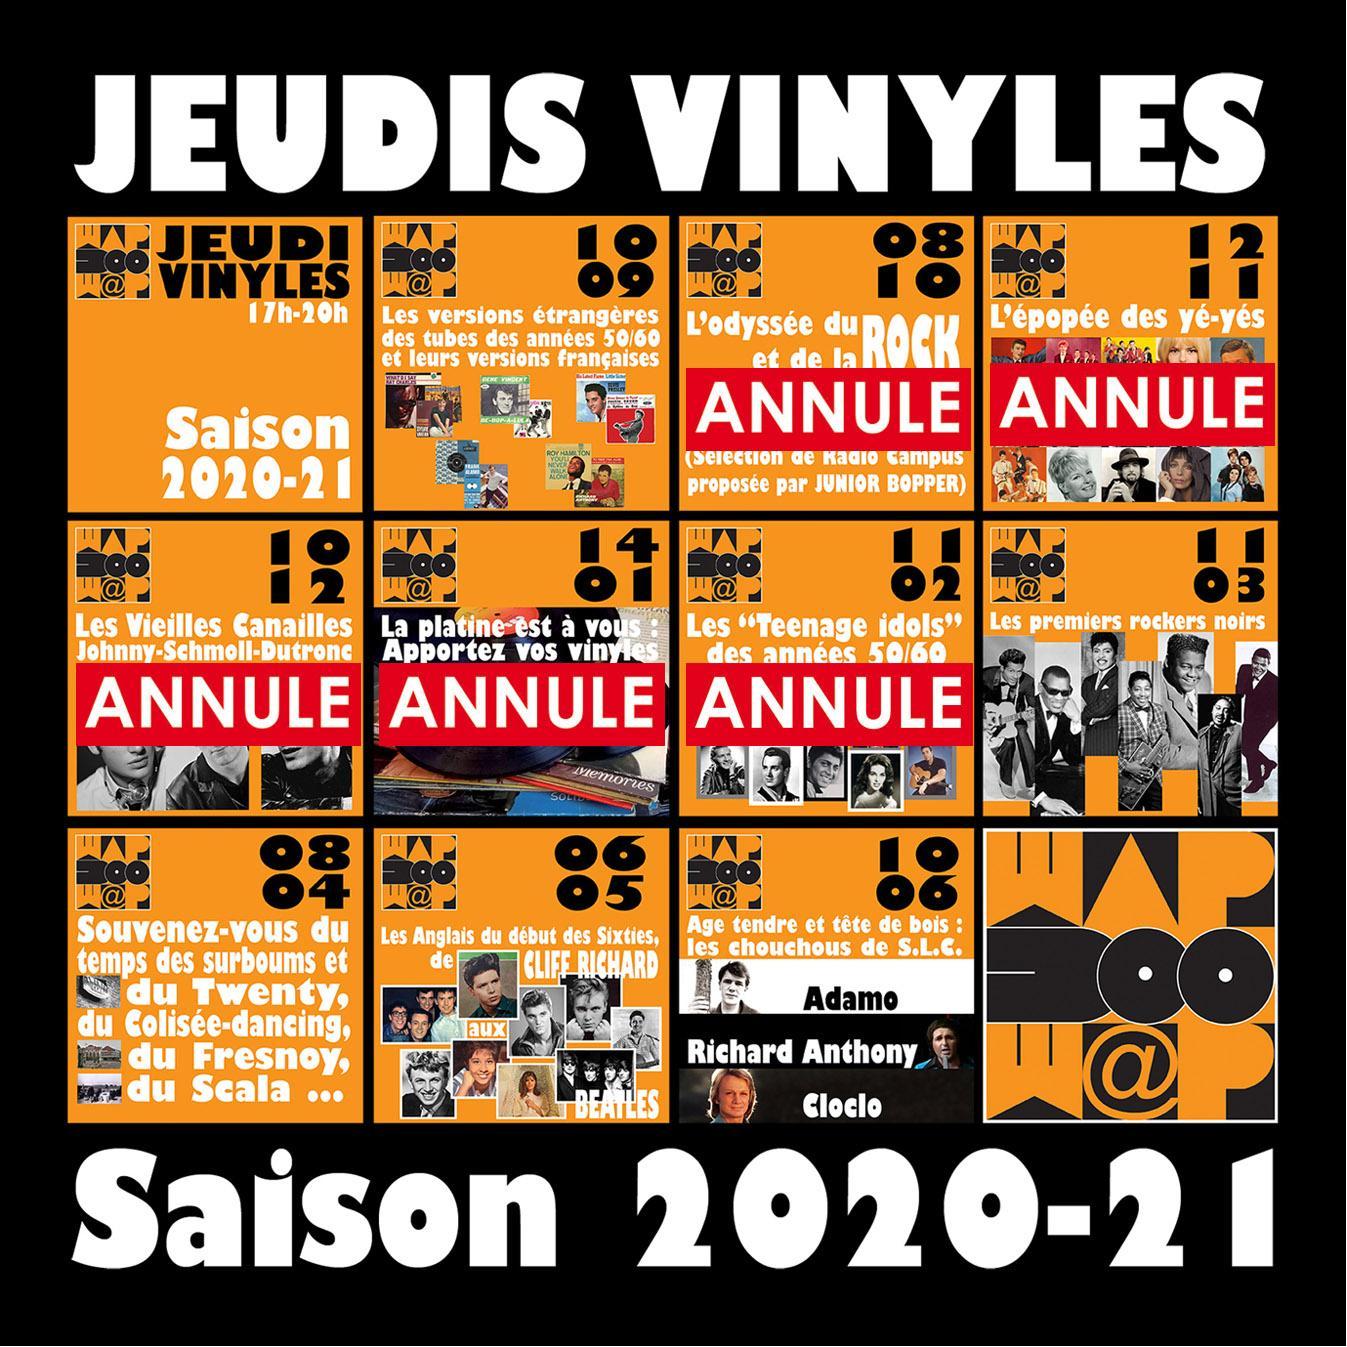 Jeudi vinyles annules copie 1